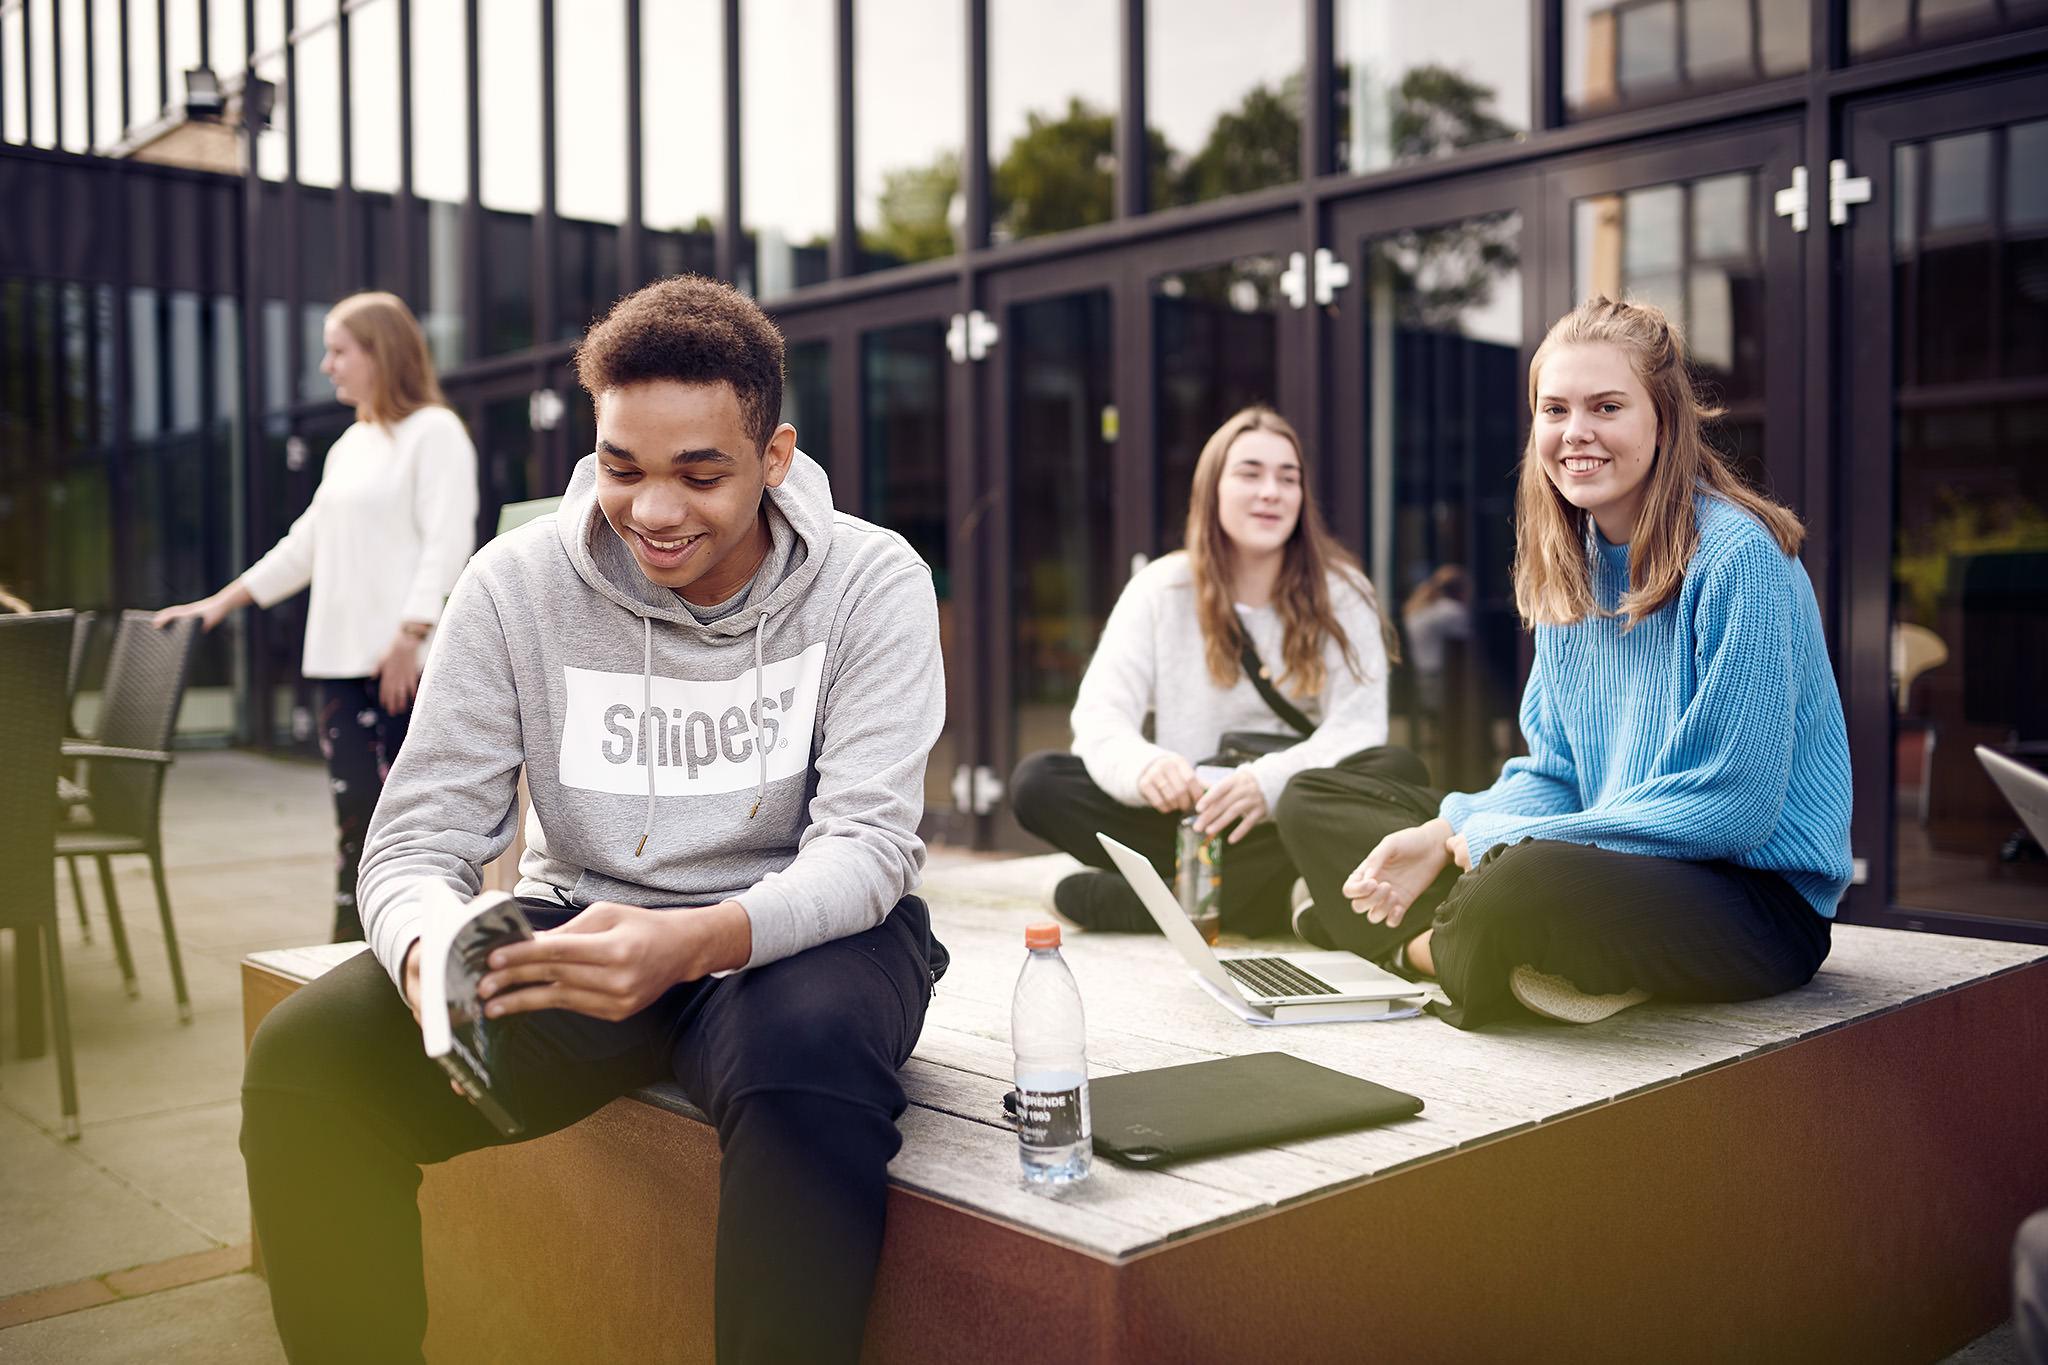 Reklame fotograf i Herning - skole foto